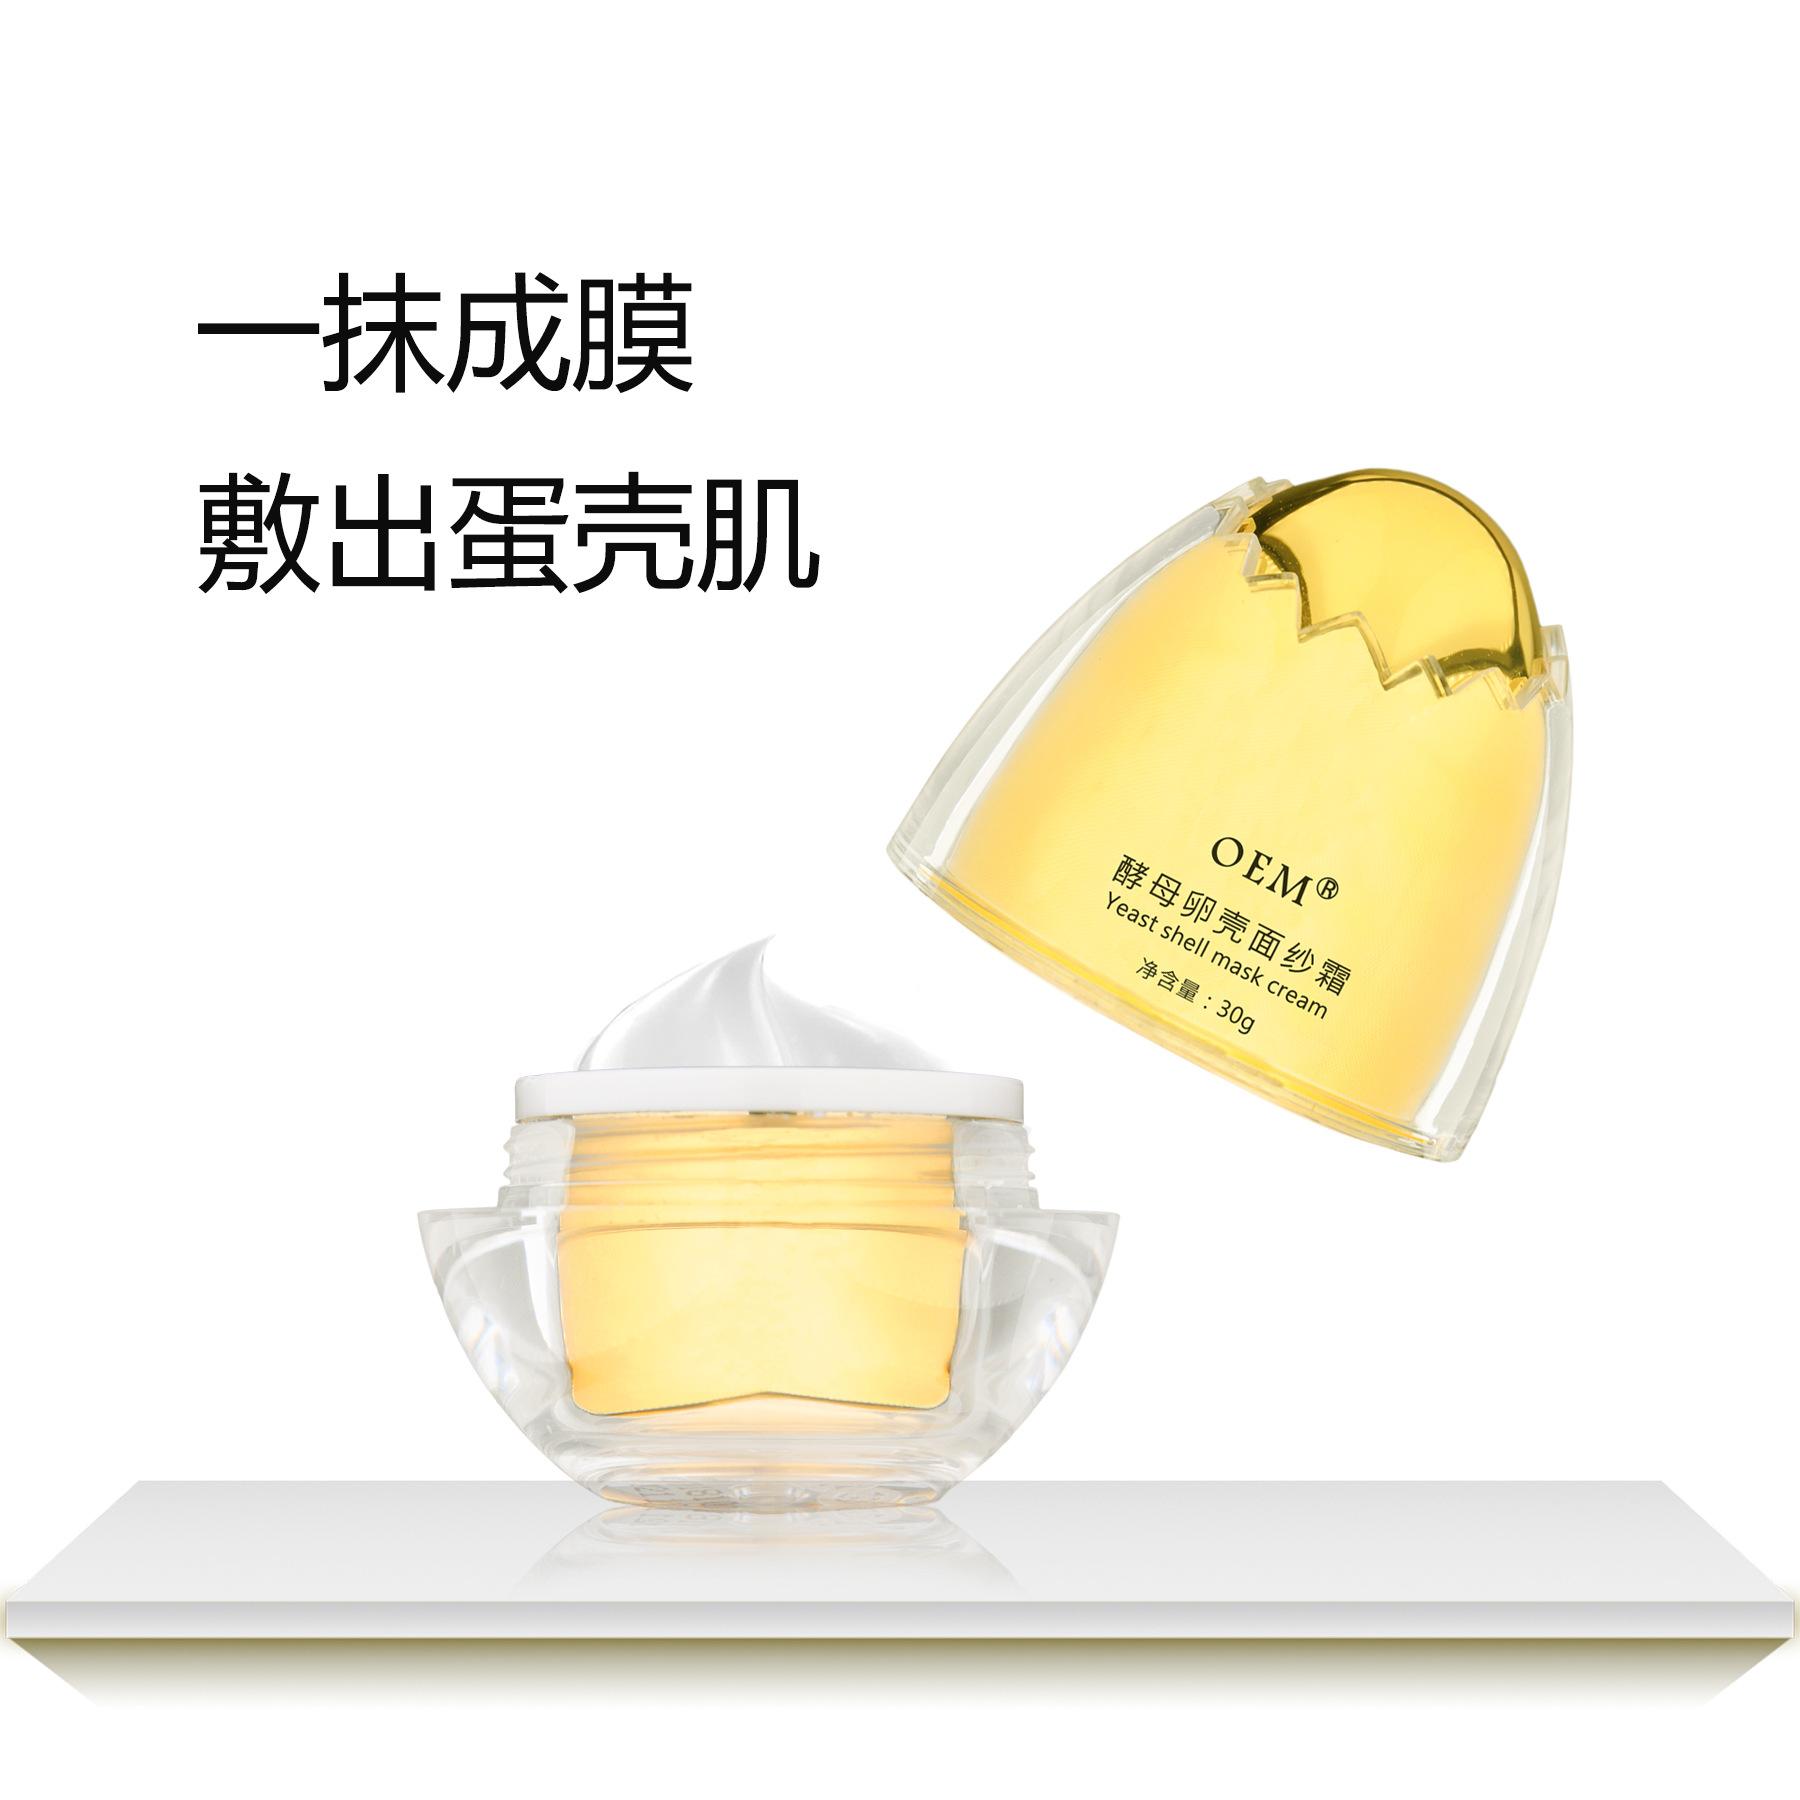 嫩滑肌肤透现光彩蛋蛋面膜oem科宇创研厂家贴牌